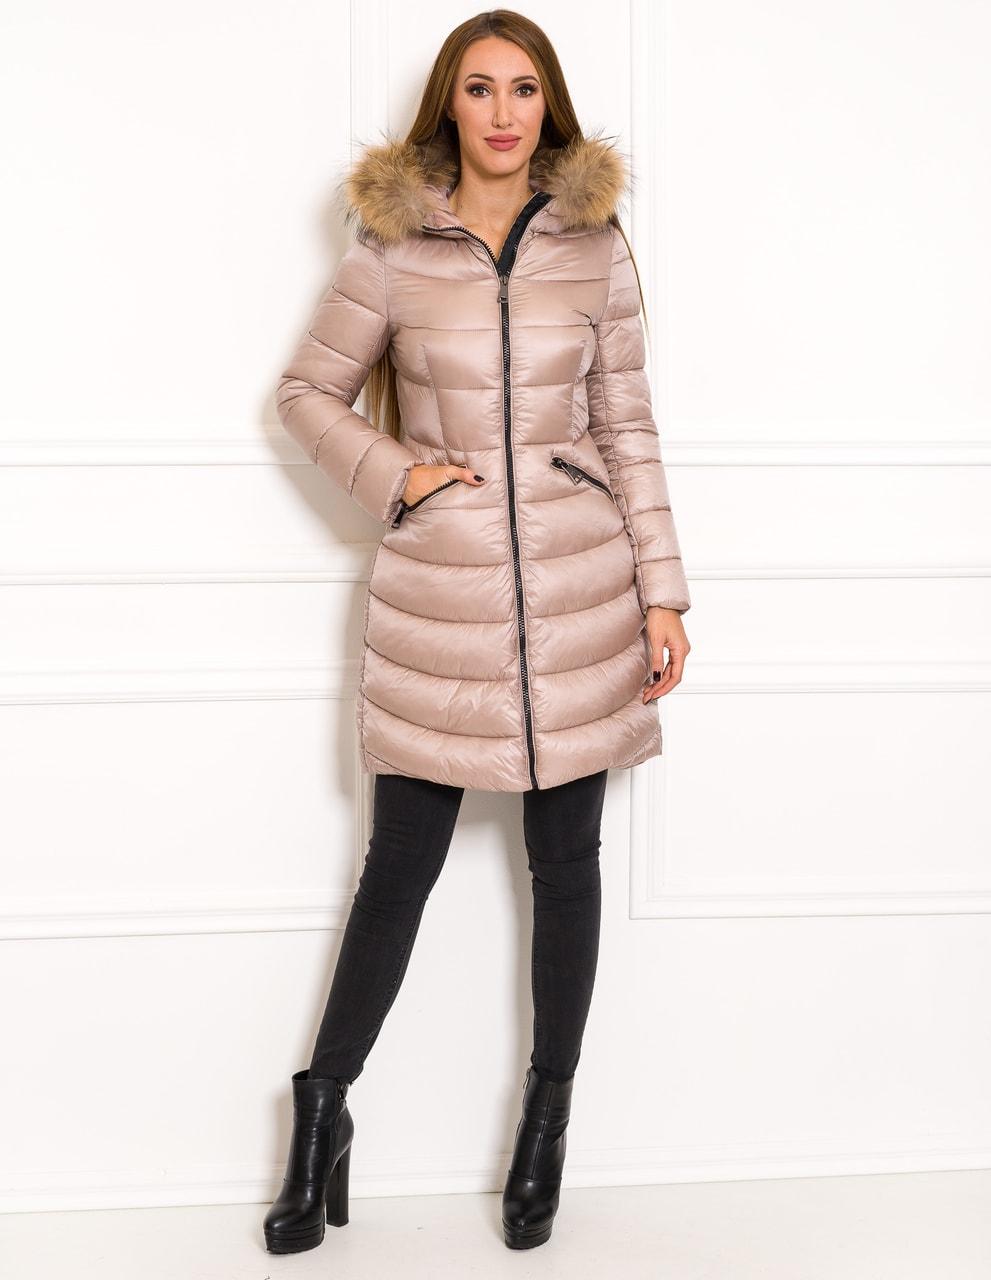 b92bc3f13a8d Glamadise.hu Fashion paradise - Női téli kabát eredeti rókaszőrrel ...